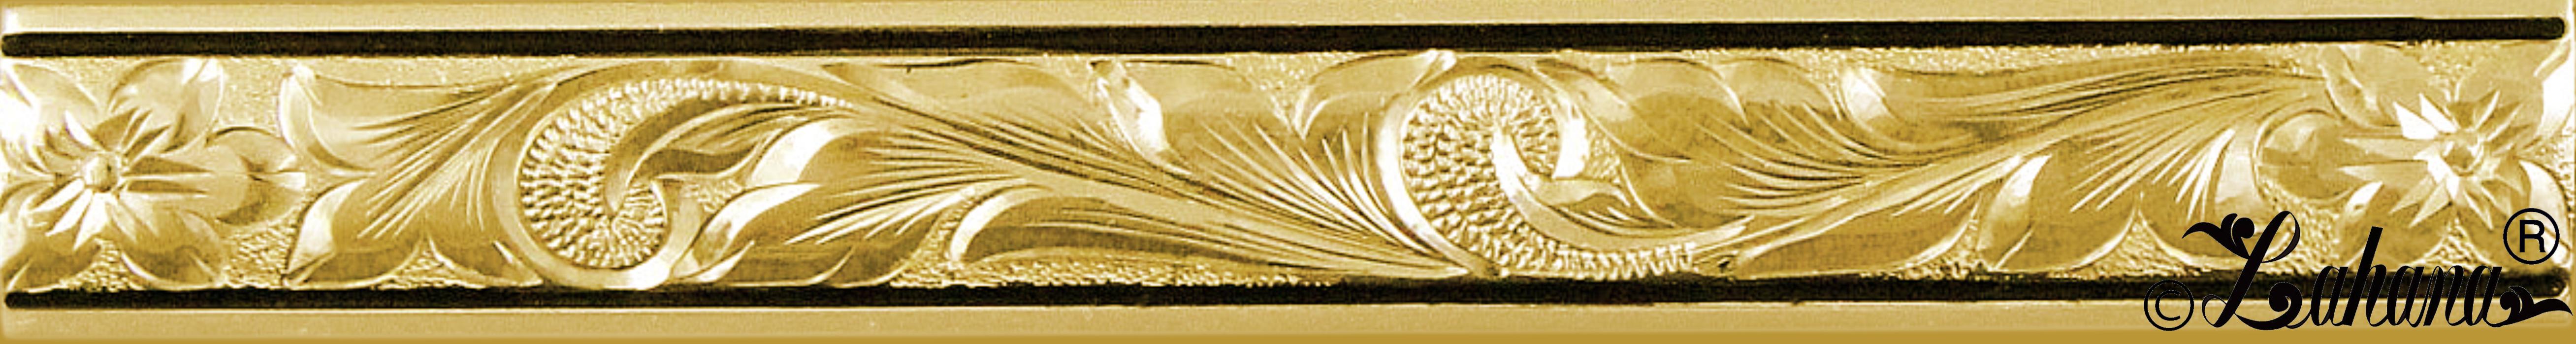 sample-logo-14k-td-b.jpg